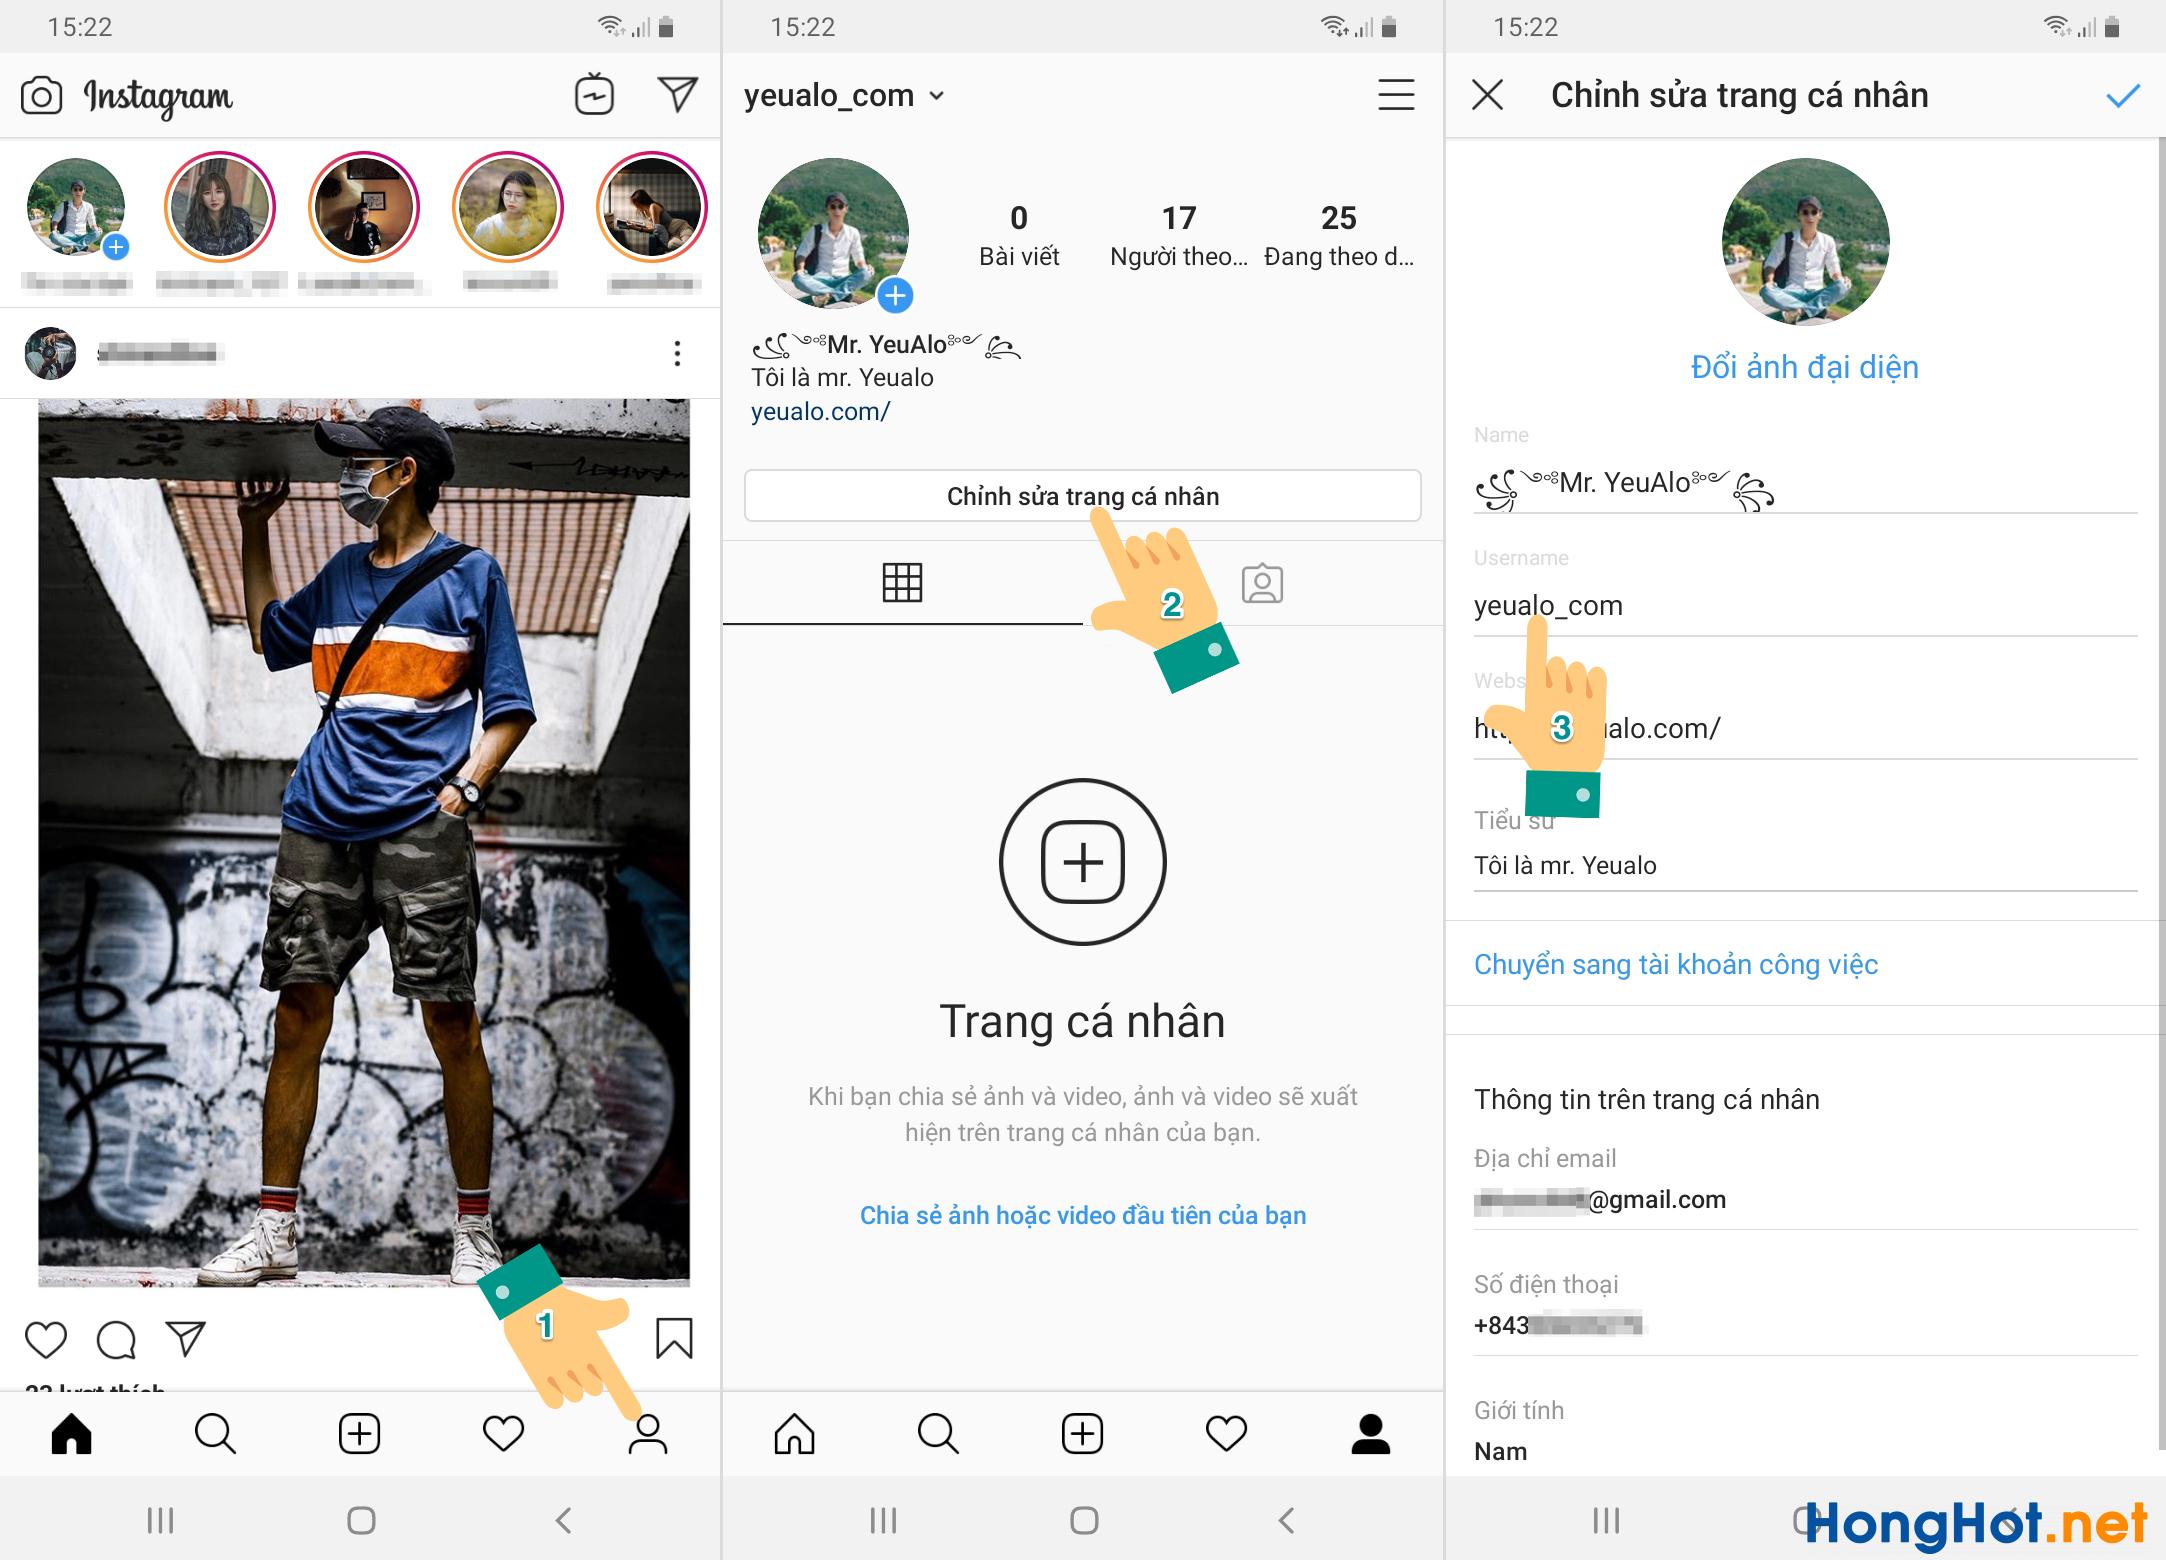 Cách lấy link instagram của mình trên điện thoại